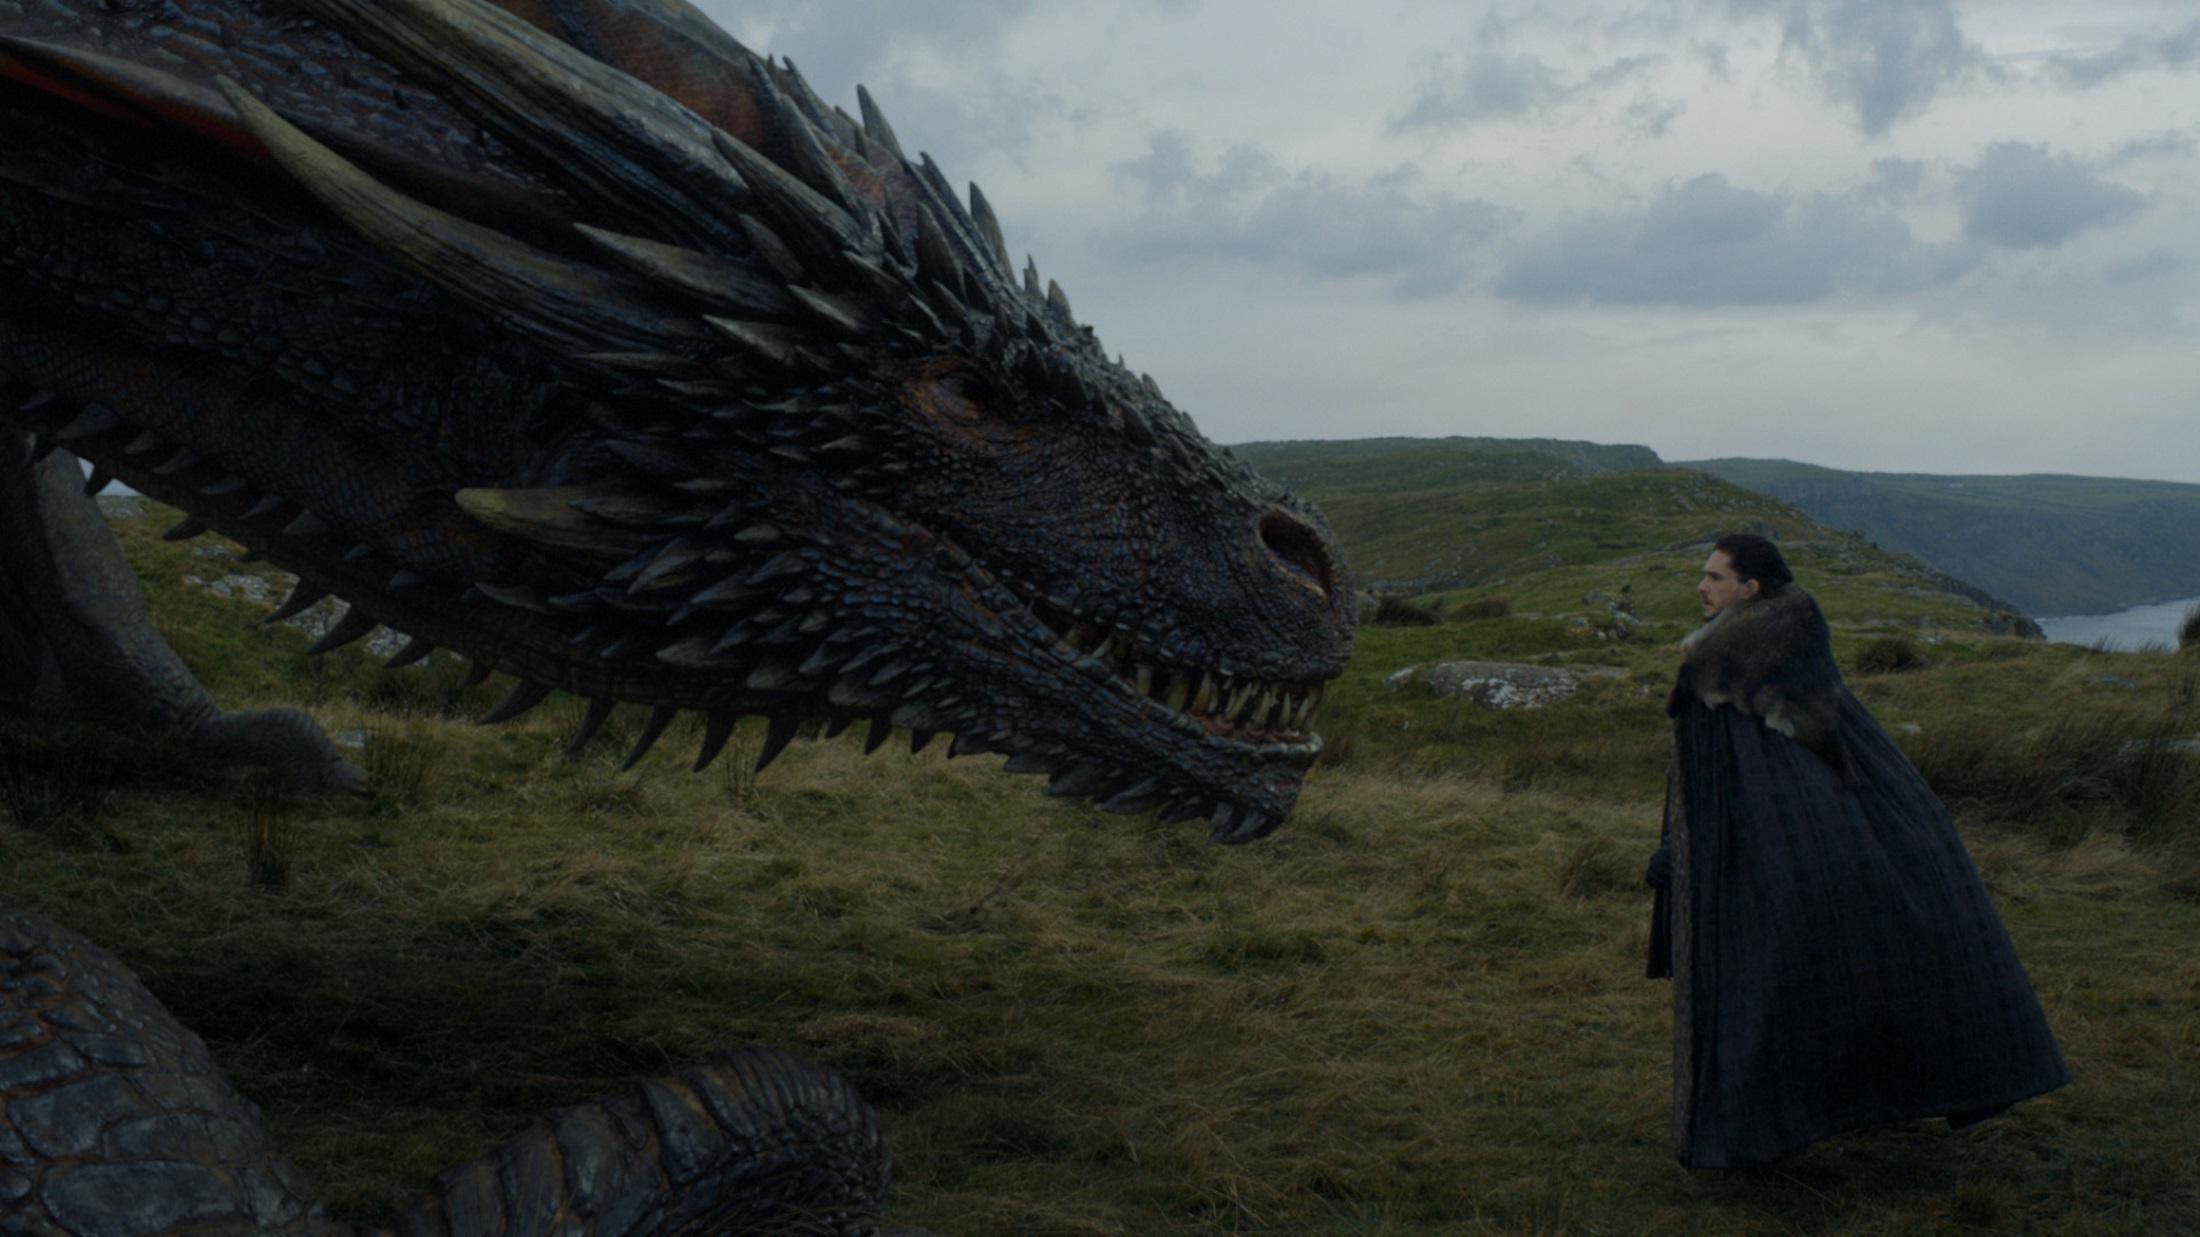 Drogon Jon